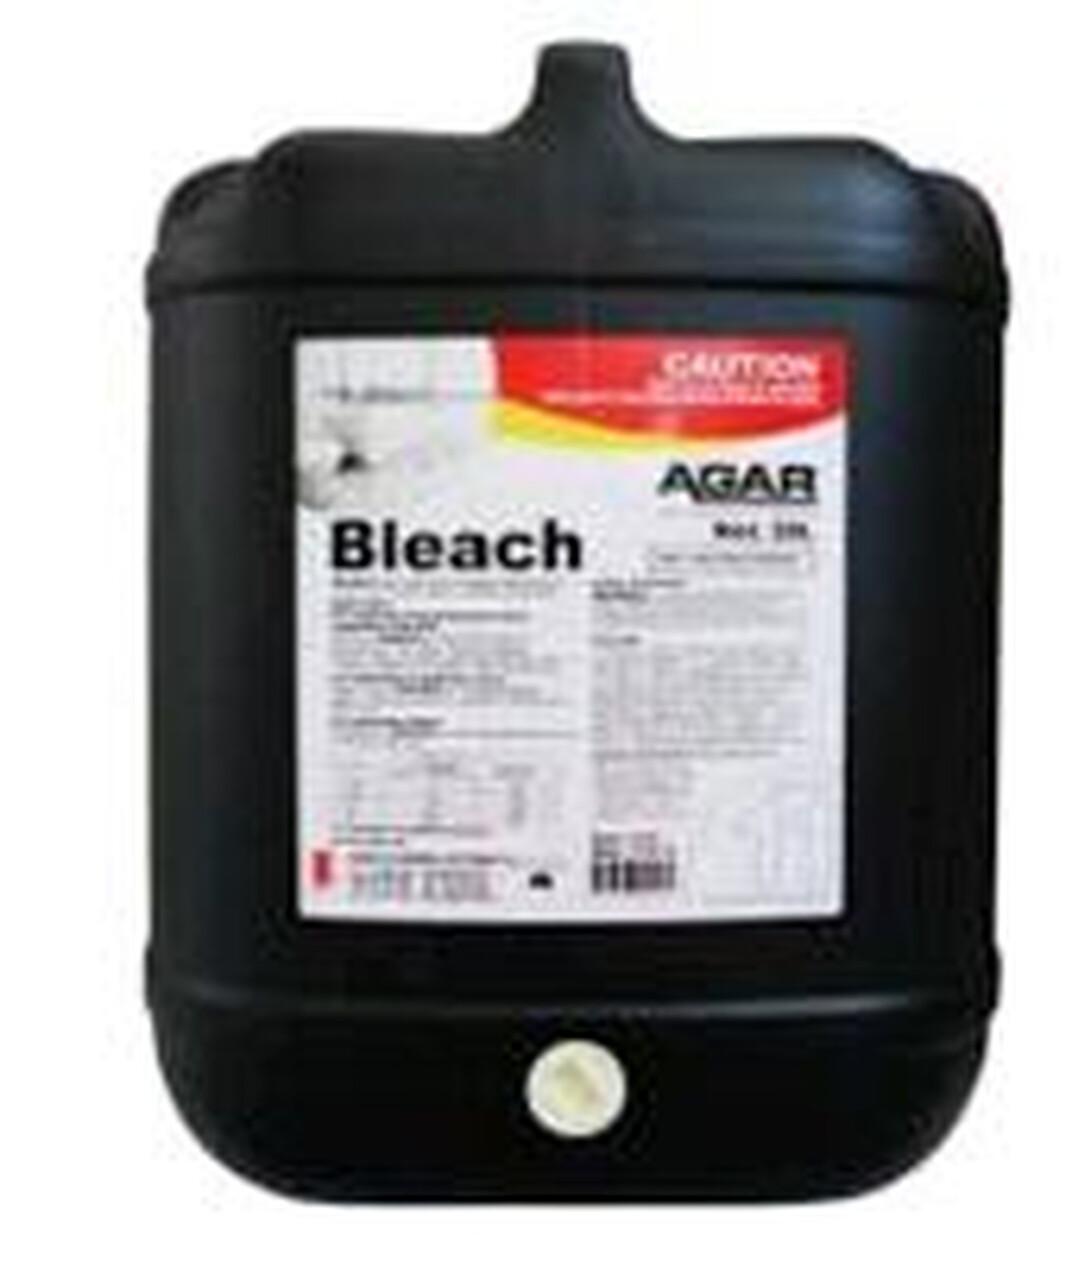 BLEACH 20 L